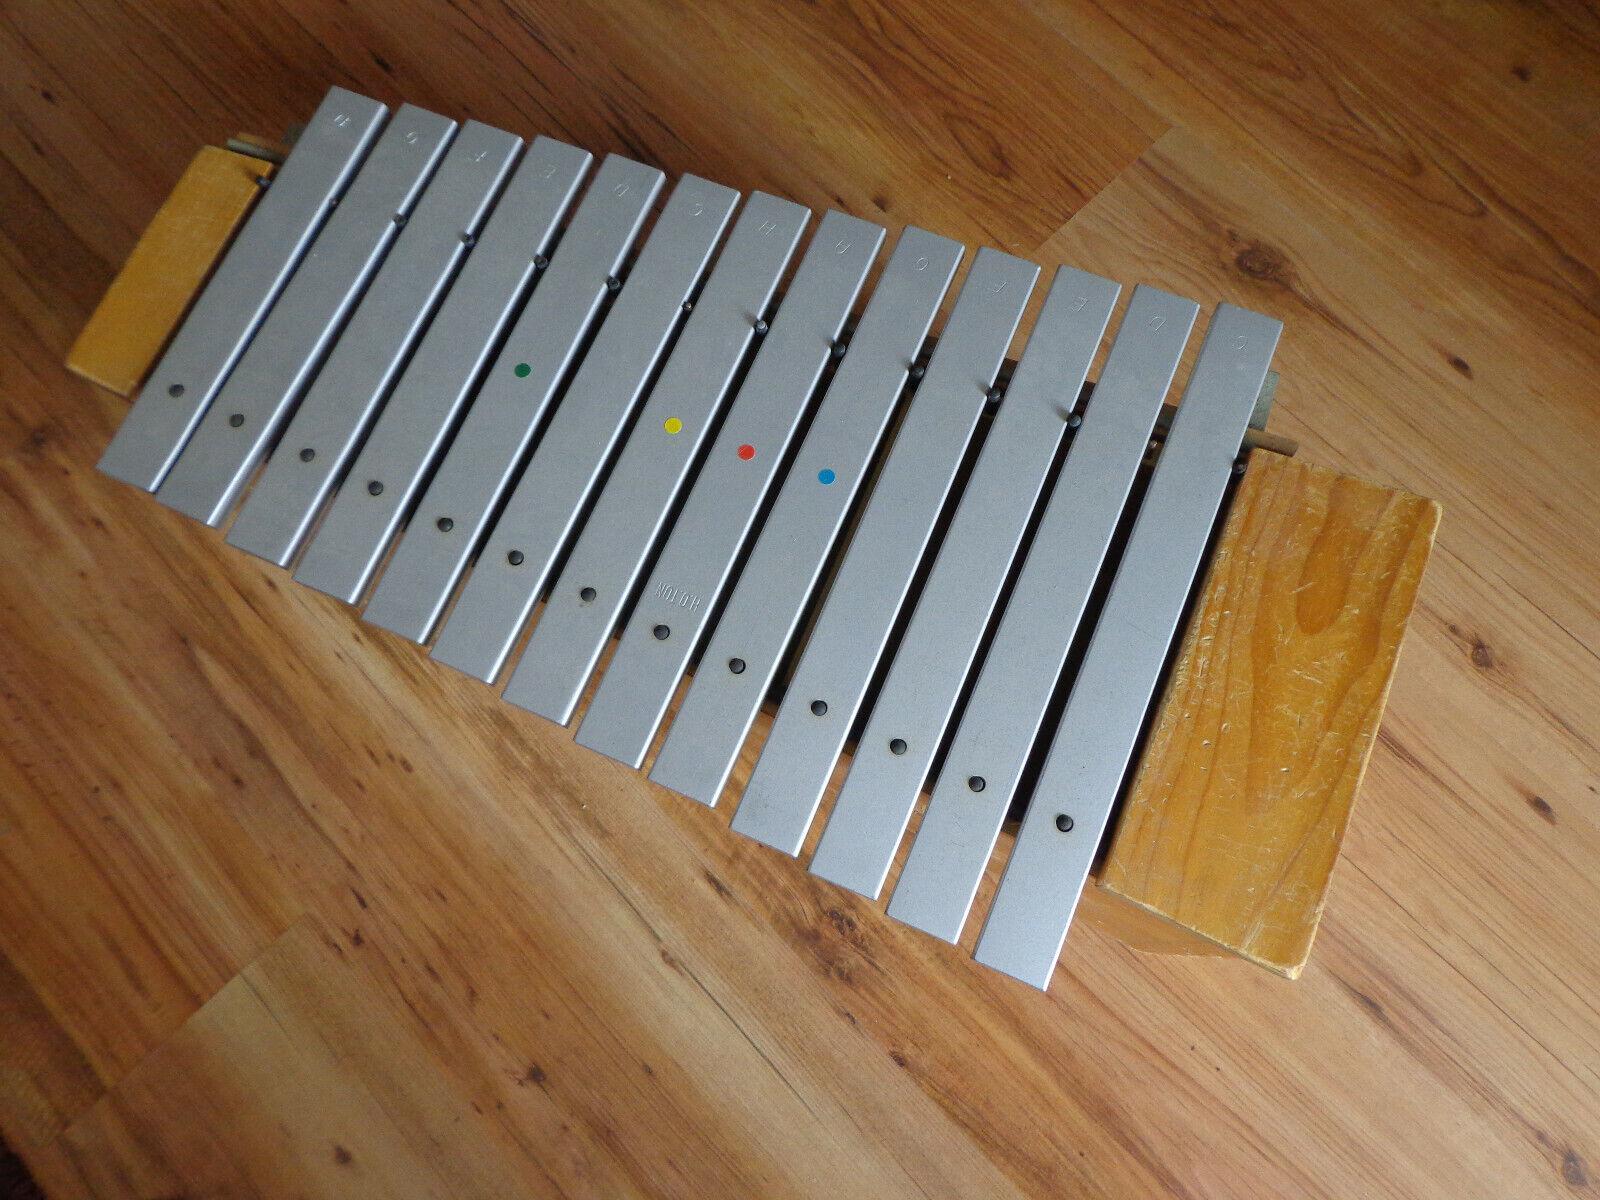 Metallophon Alt Studio 49 Glockenspiel Xylophon